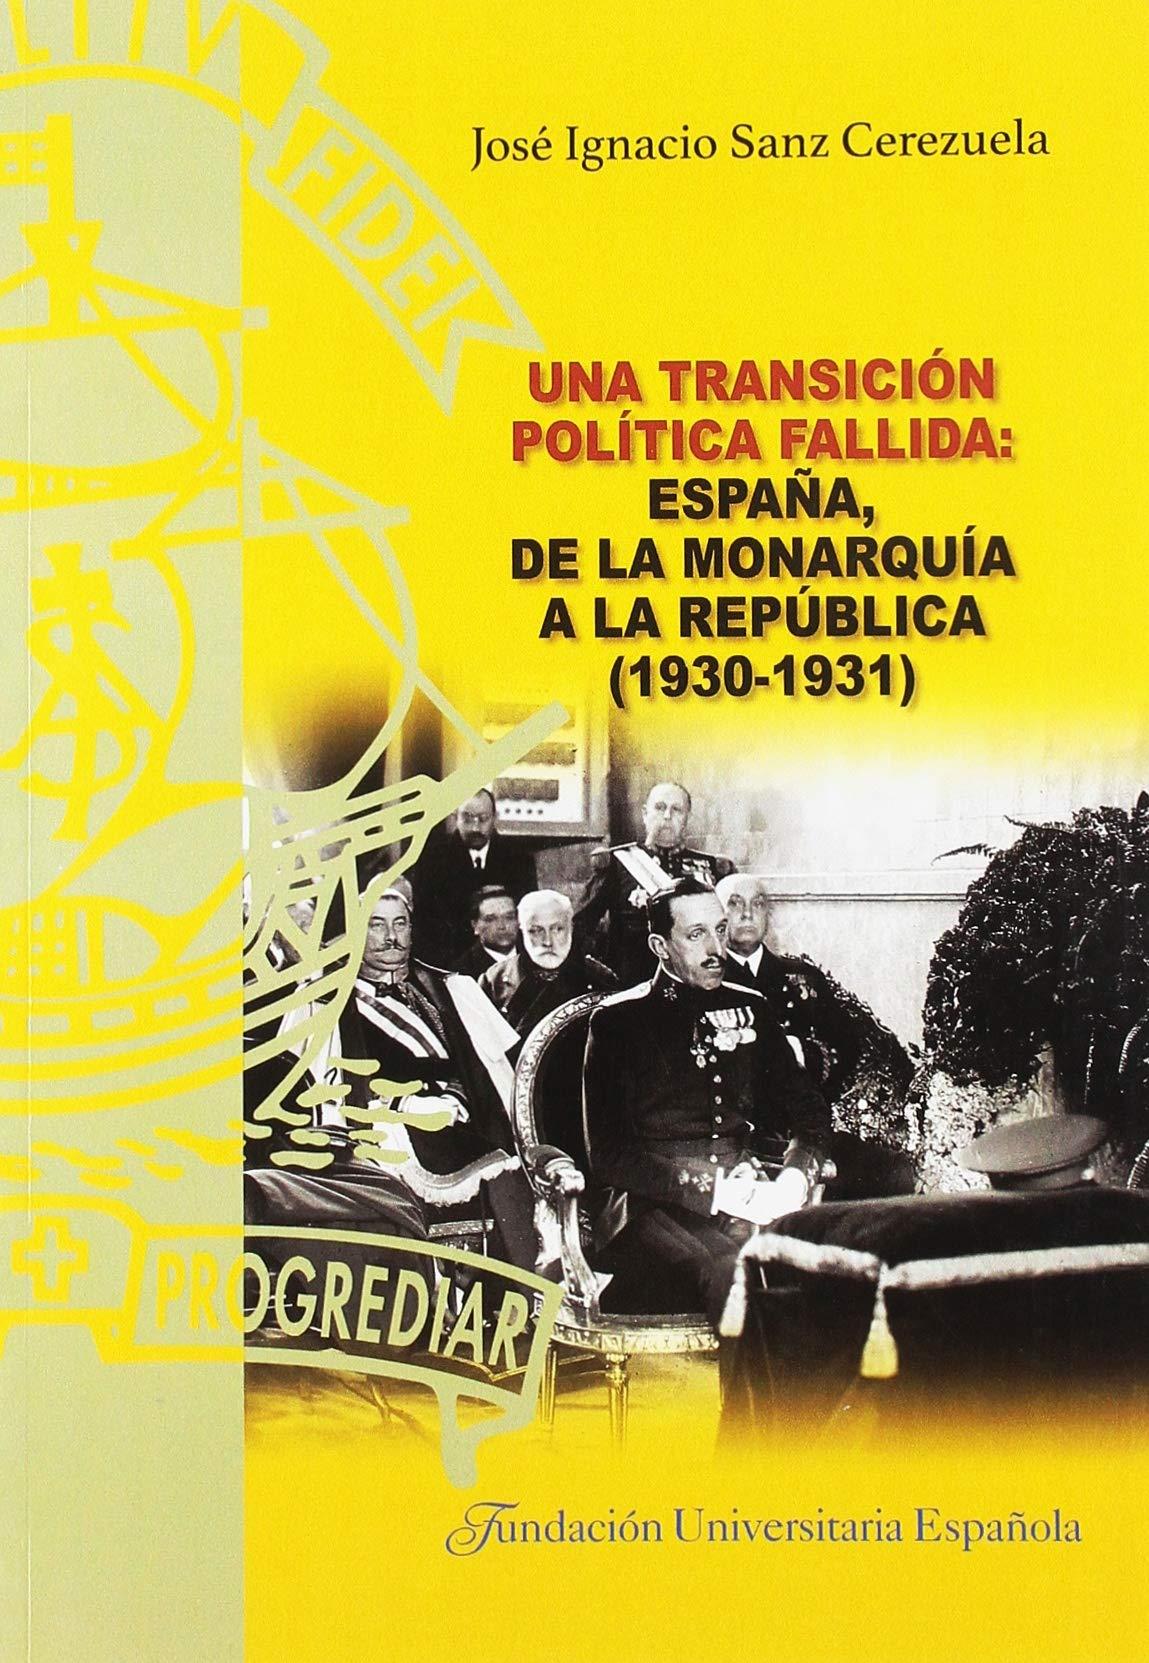 Una transición política fallida: España, de la monarquía a la república 1930-1931 Tesis doctorales Um Laude: Amazon.es: Sanz Cerezuela, Ignacio, Enrique, San Miguel Pérez: Libros